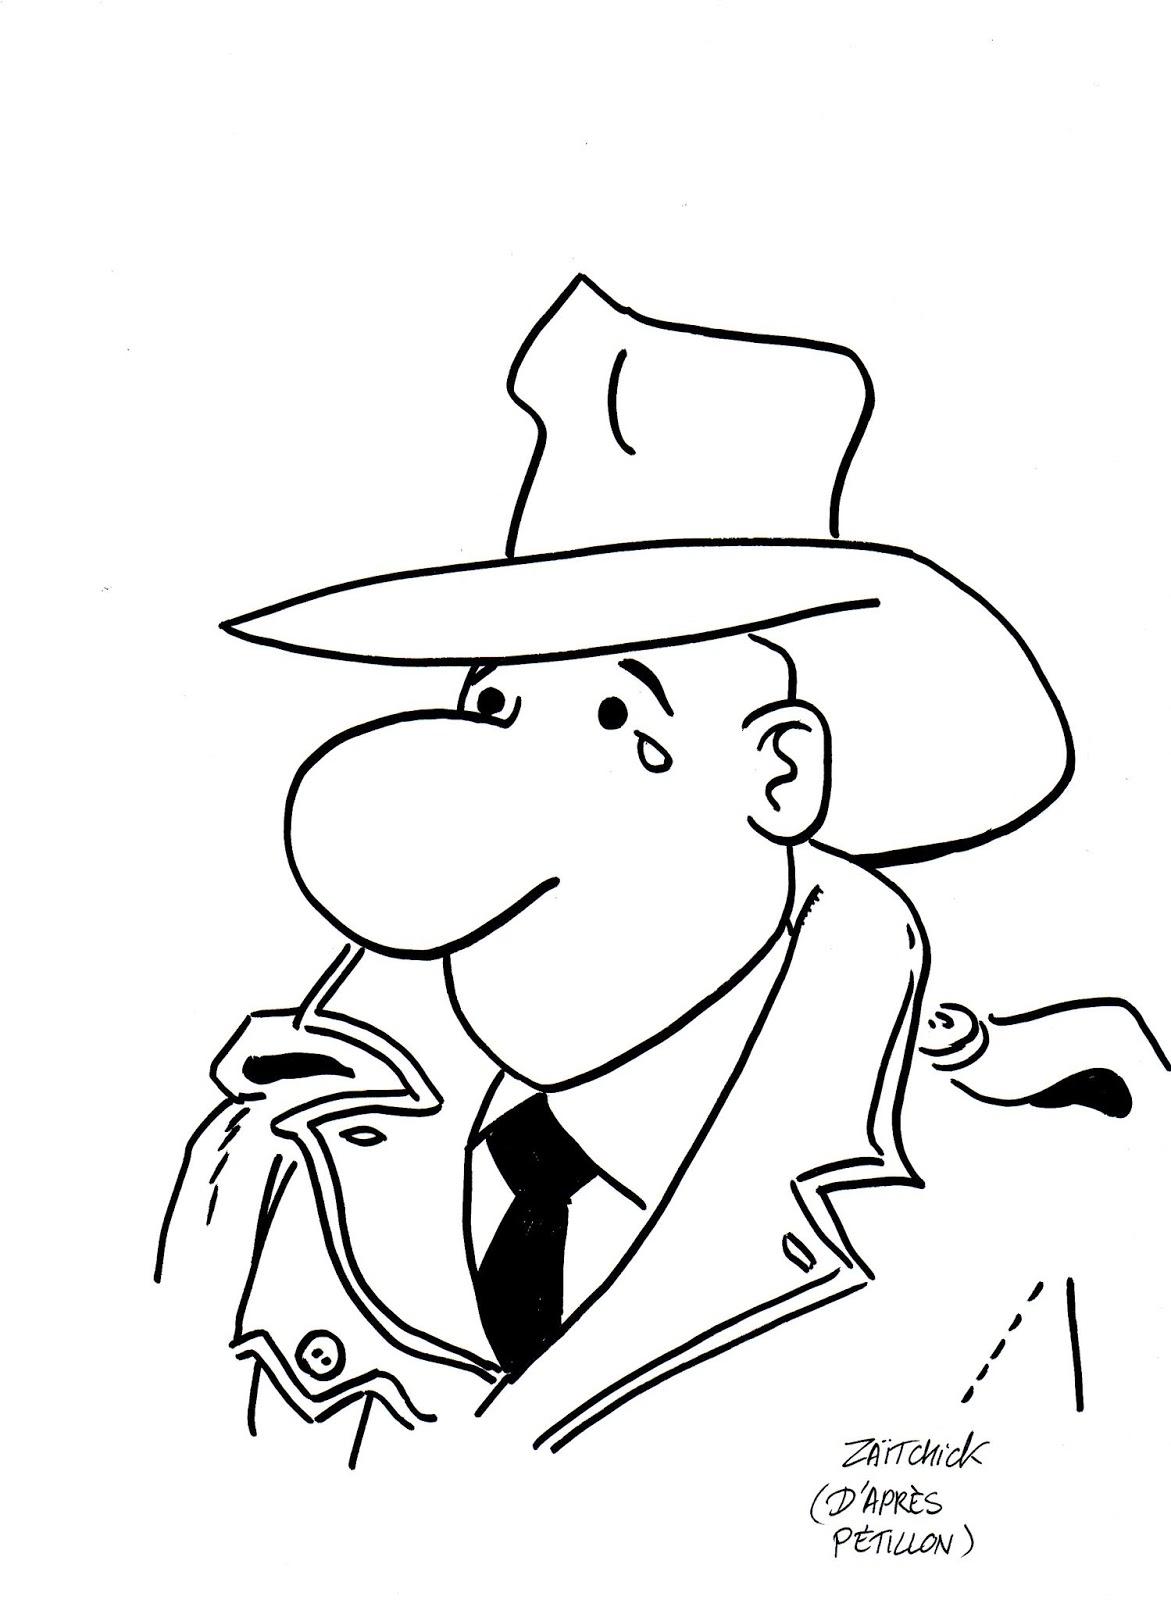 dessin d'actualité humoristique en hommage à René Pétillon